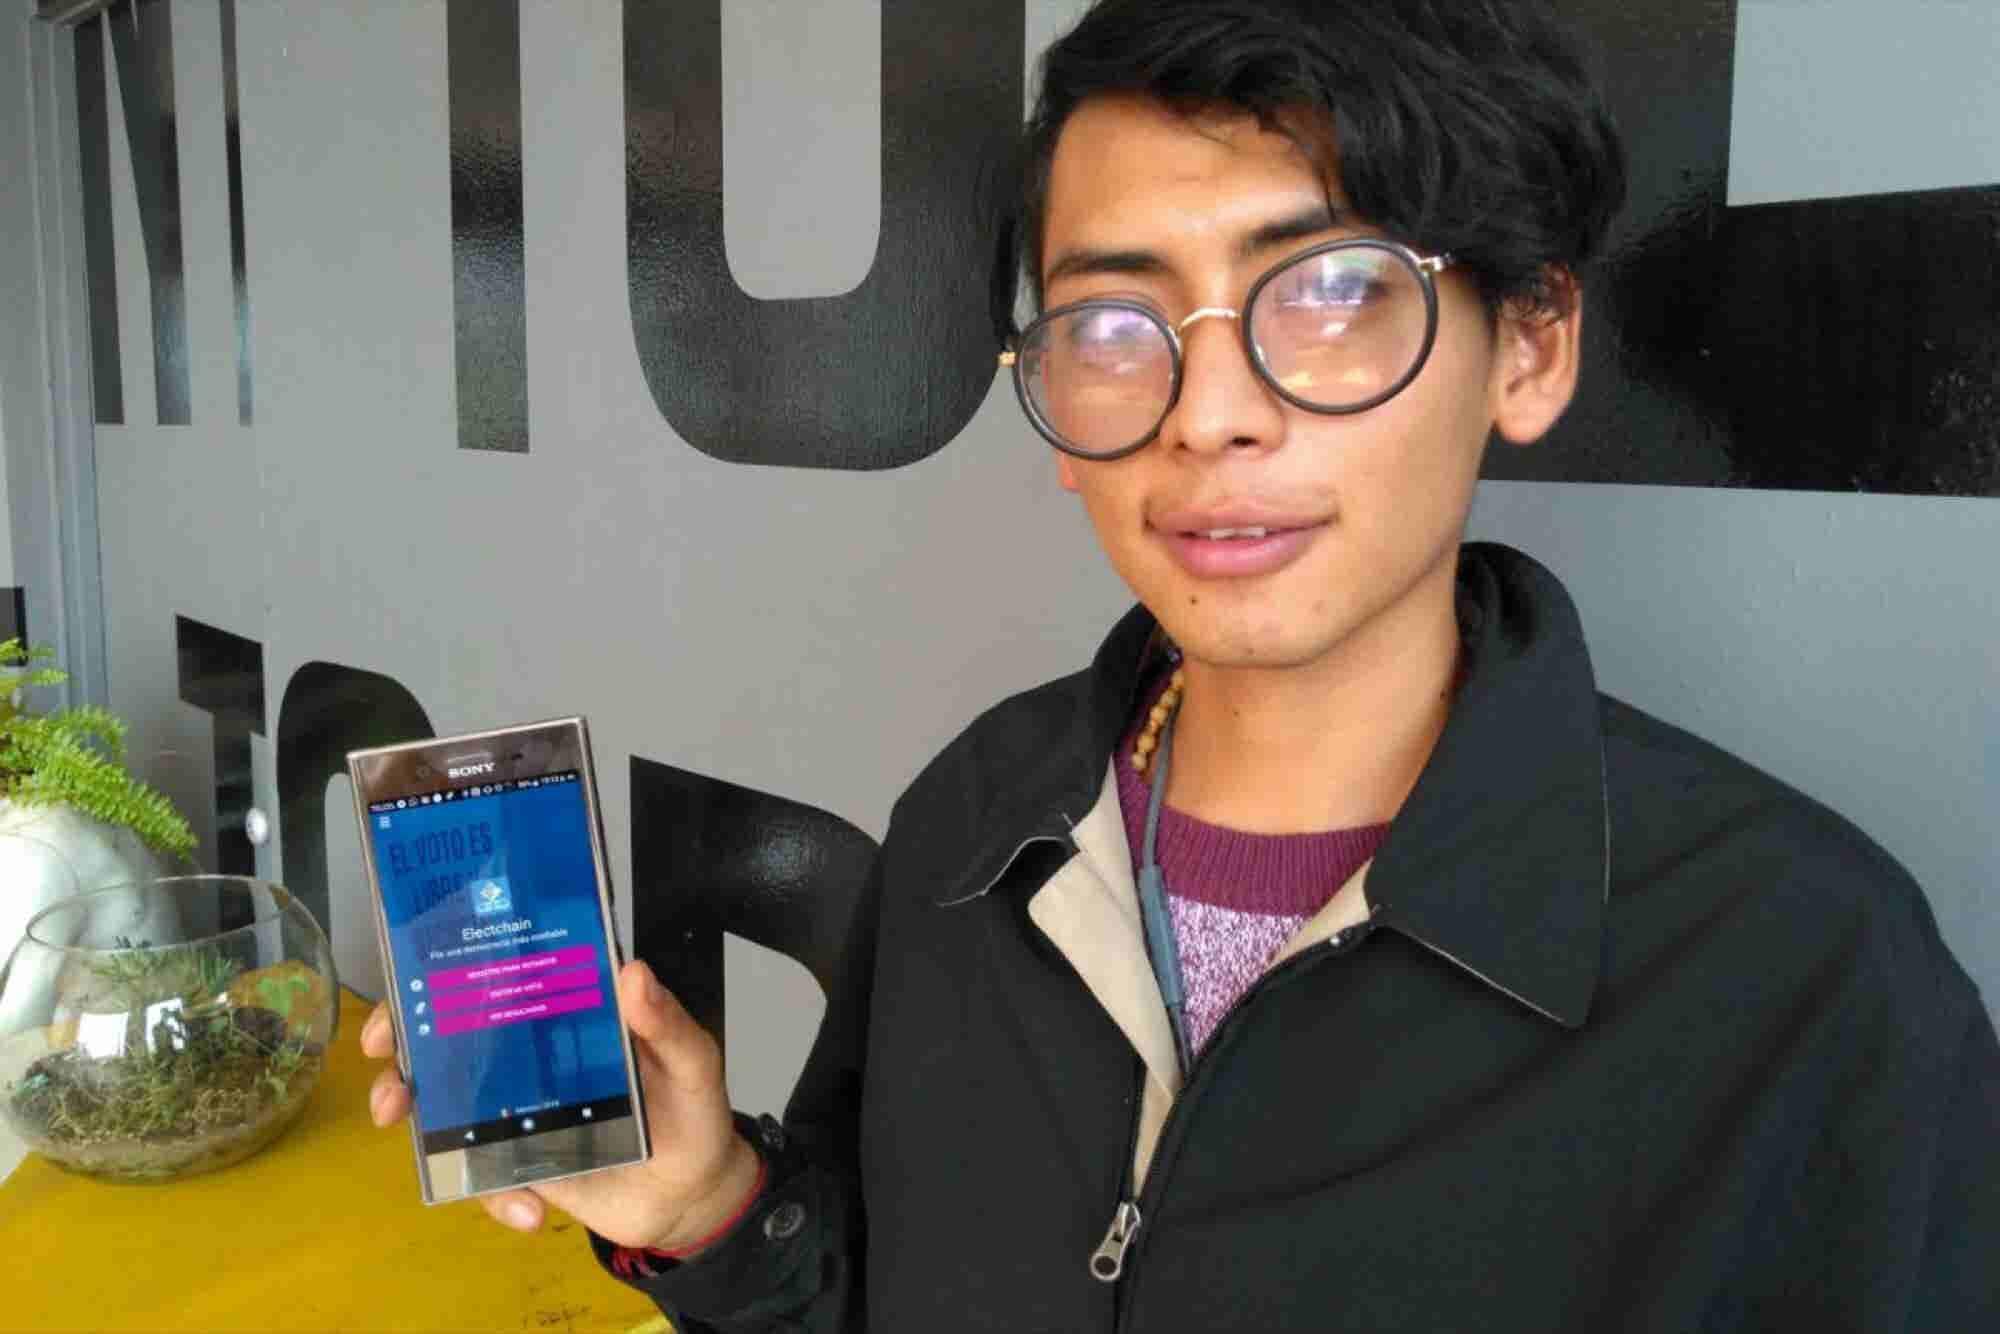 La app que busca preservar el espíritu del voto libre y secreto